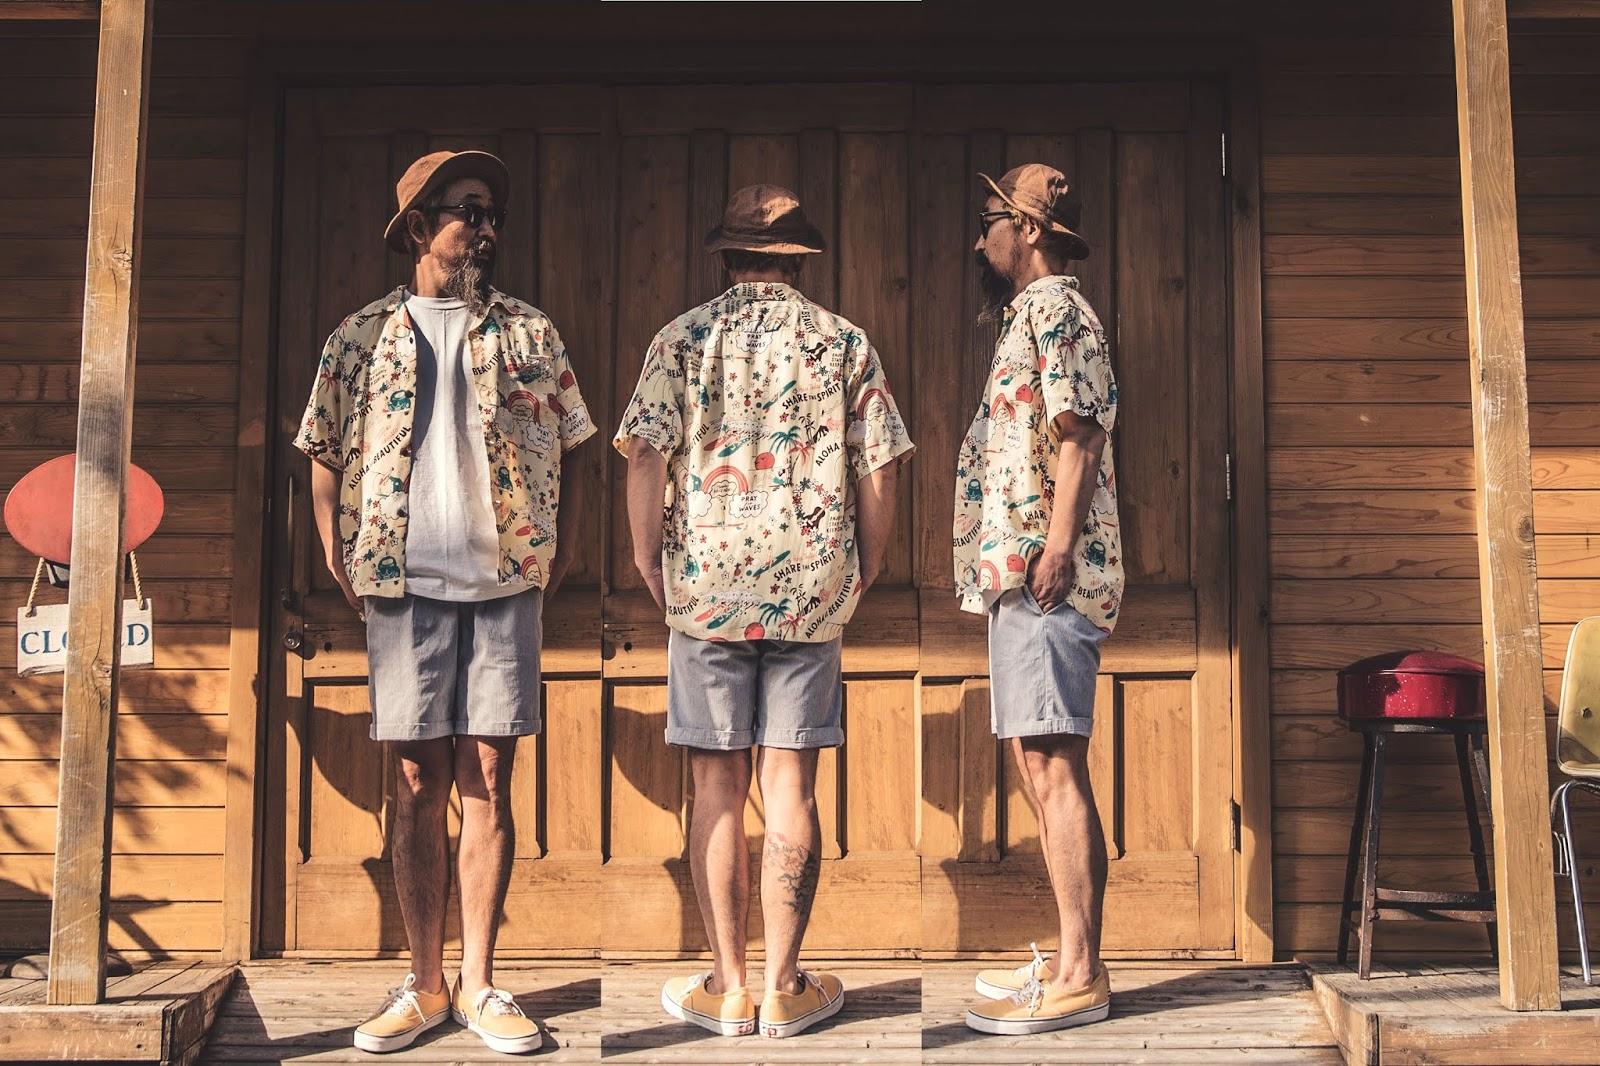 アロハ ヴィンテージ ハワイアン PALM GRAPHICS ウッドカット ケオニ ジョンメイグス シャツ 東洋 サンサーフ アロハシャツ 日本製 シュガーケーン 着こなし コーディネート